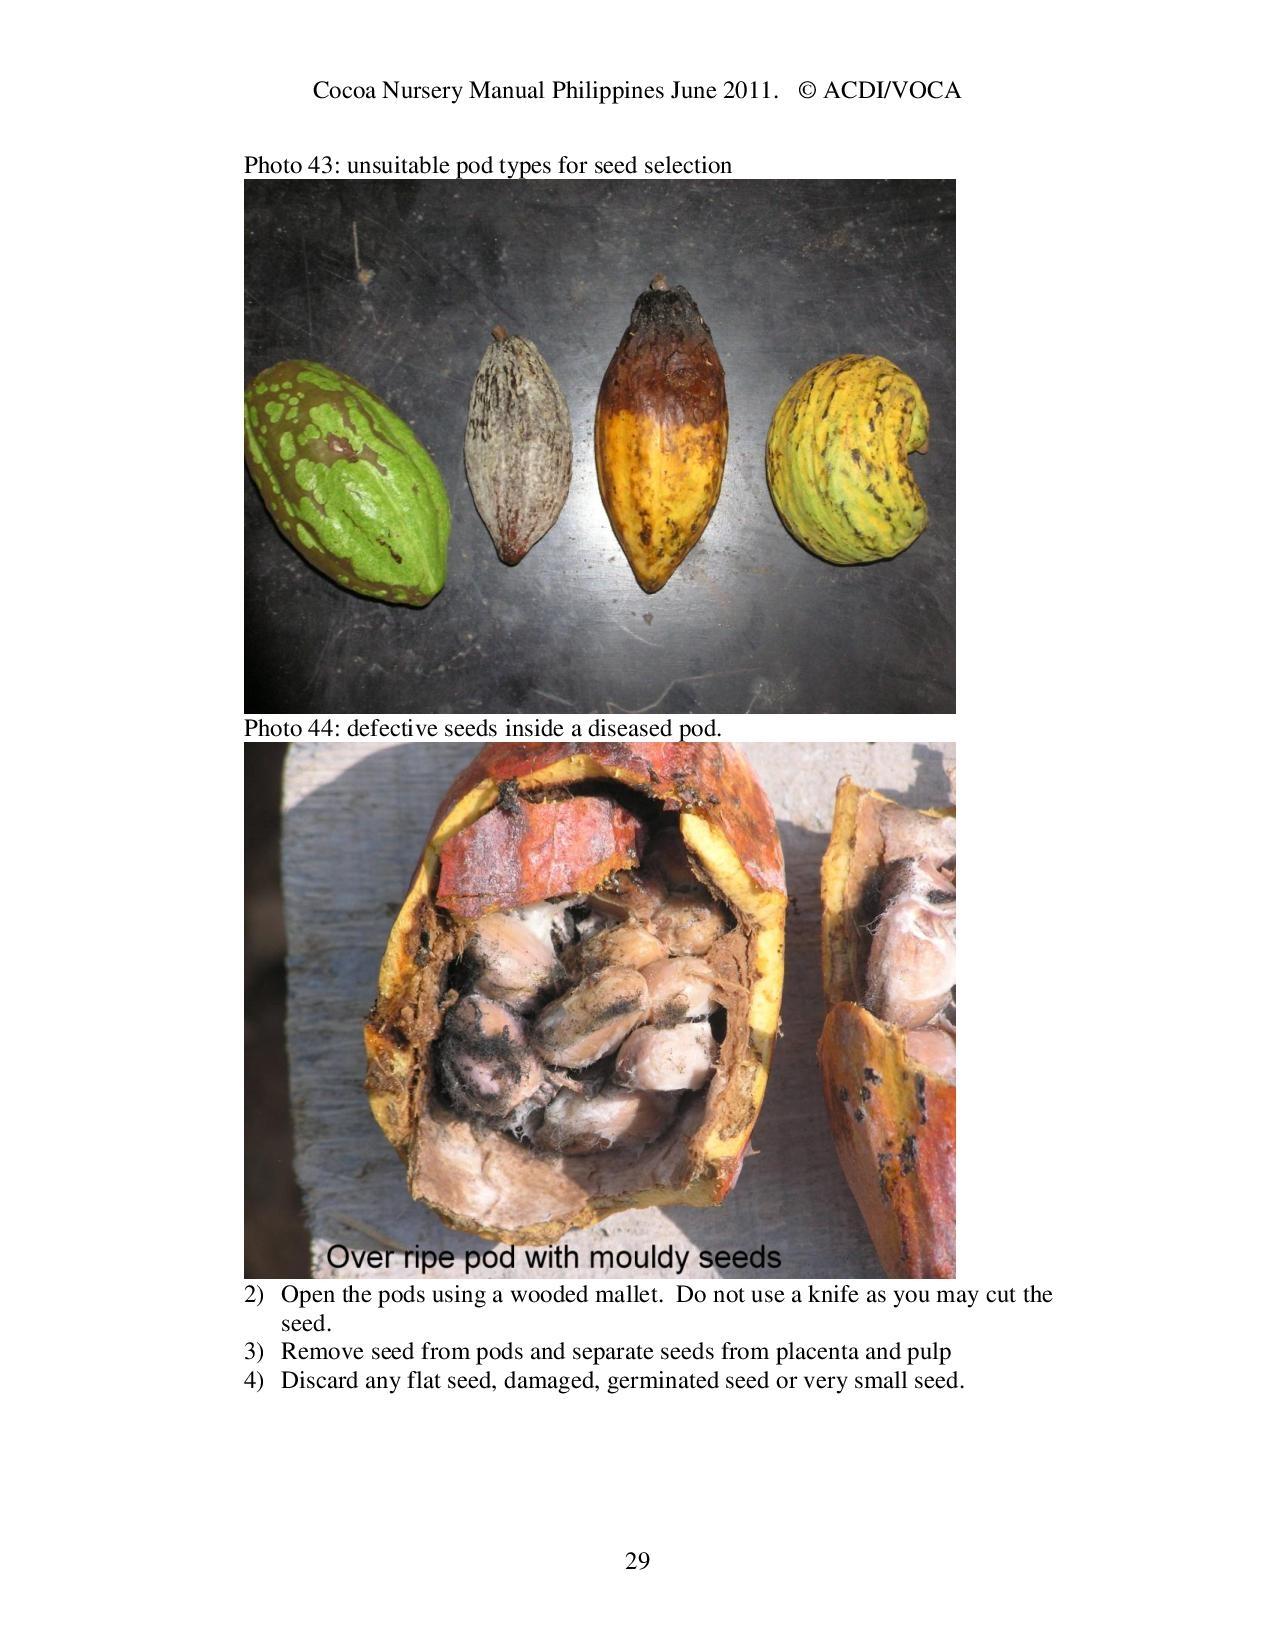 Cocoa-Nursery-Manual-2011_acdi-voca-page-029